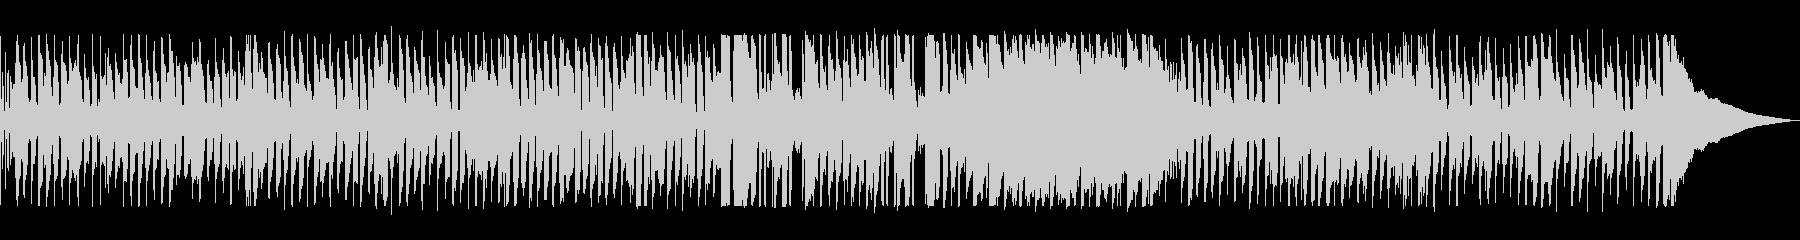 アコーディオンが特徴のフレンチポップスの未再生の波形